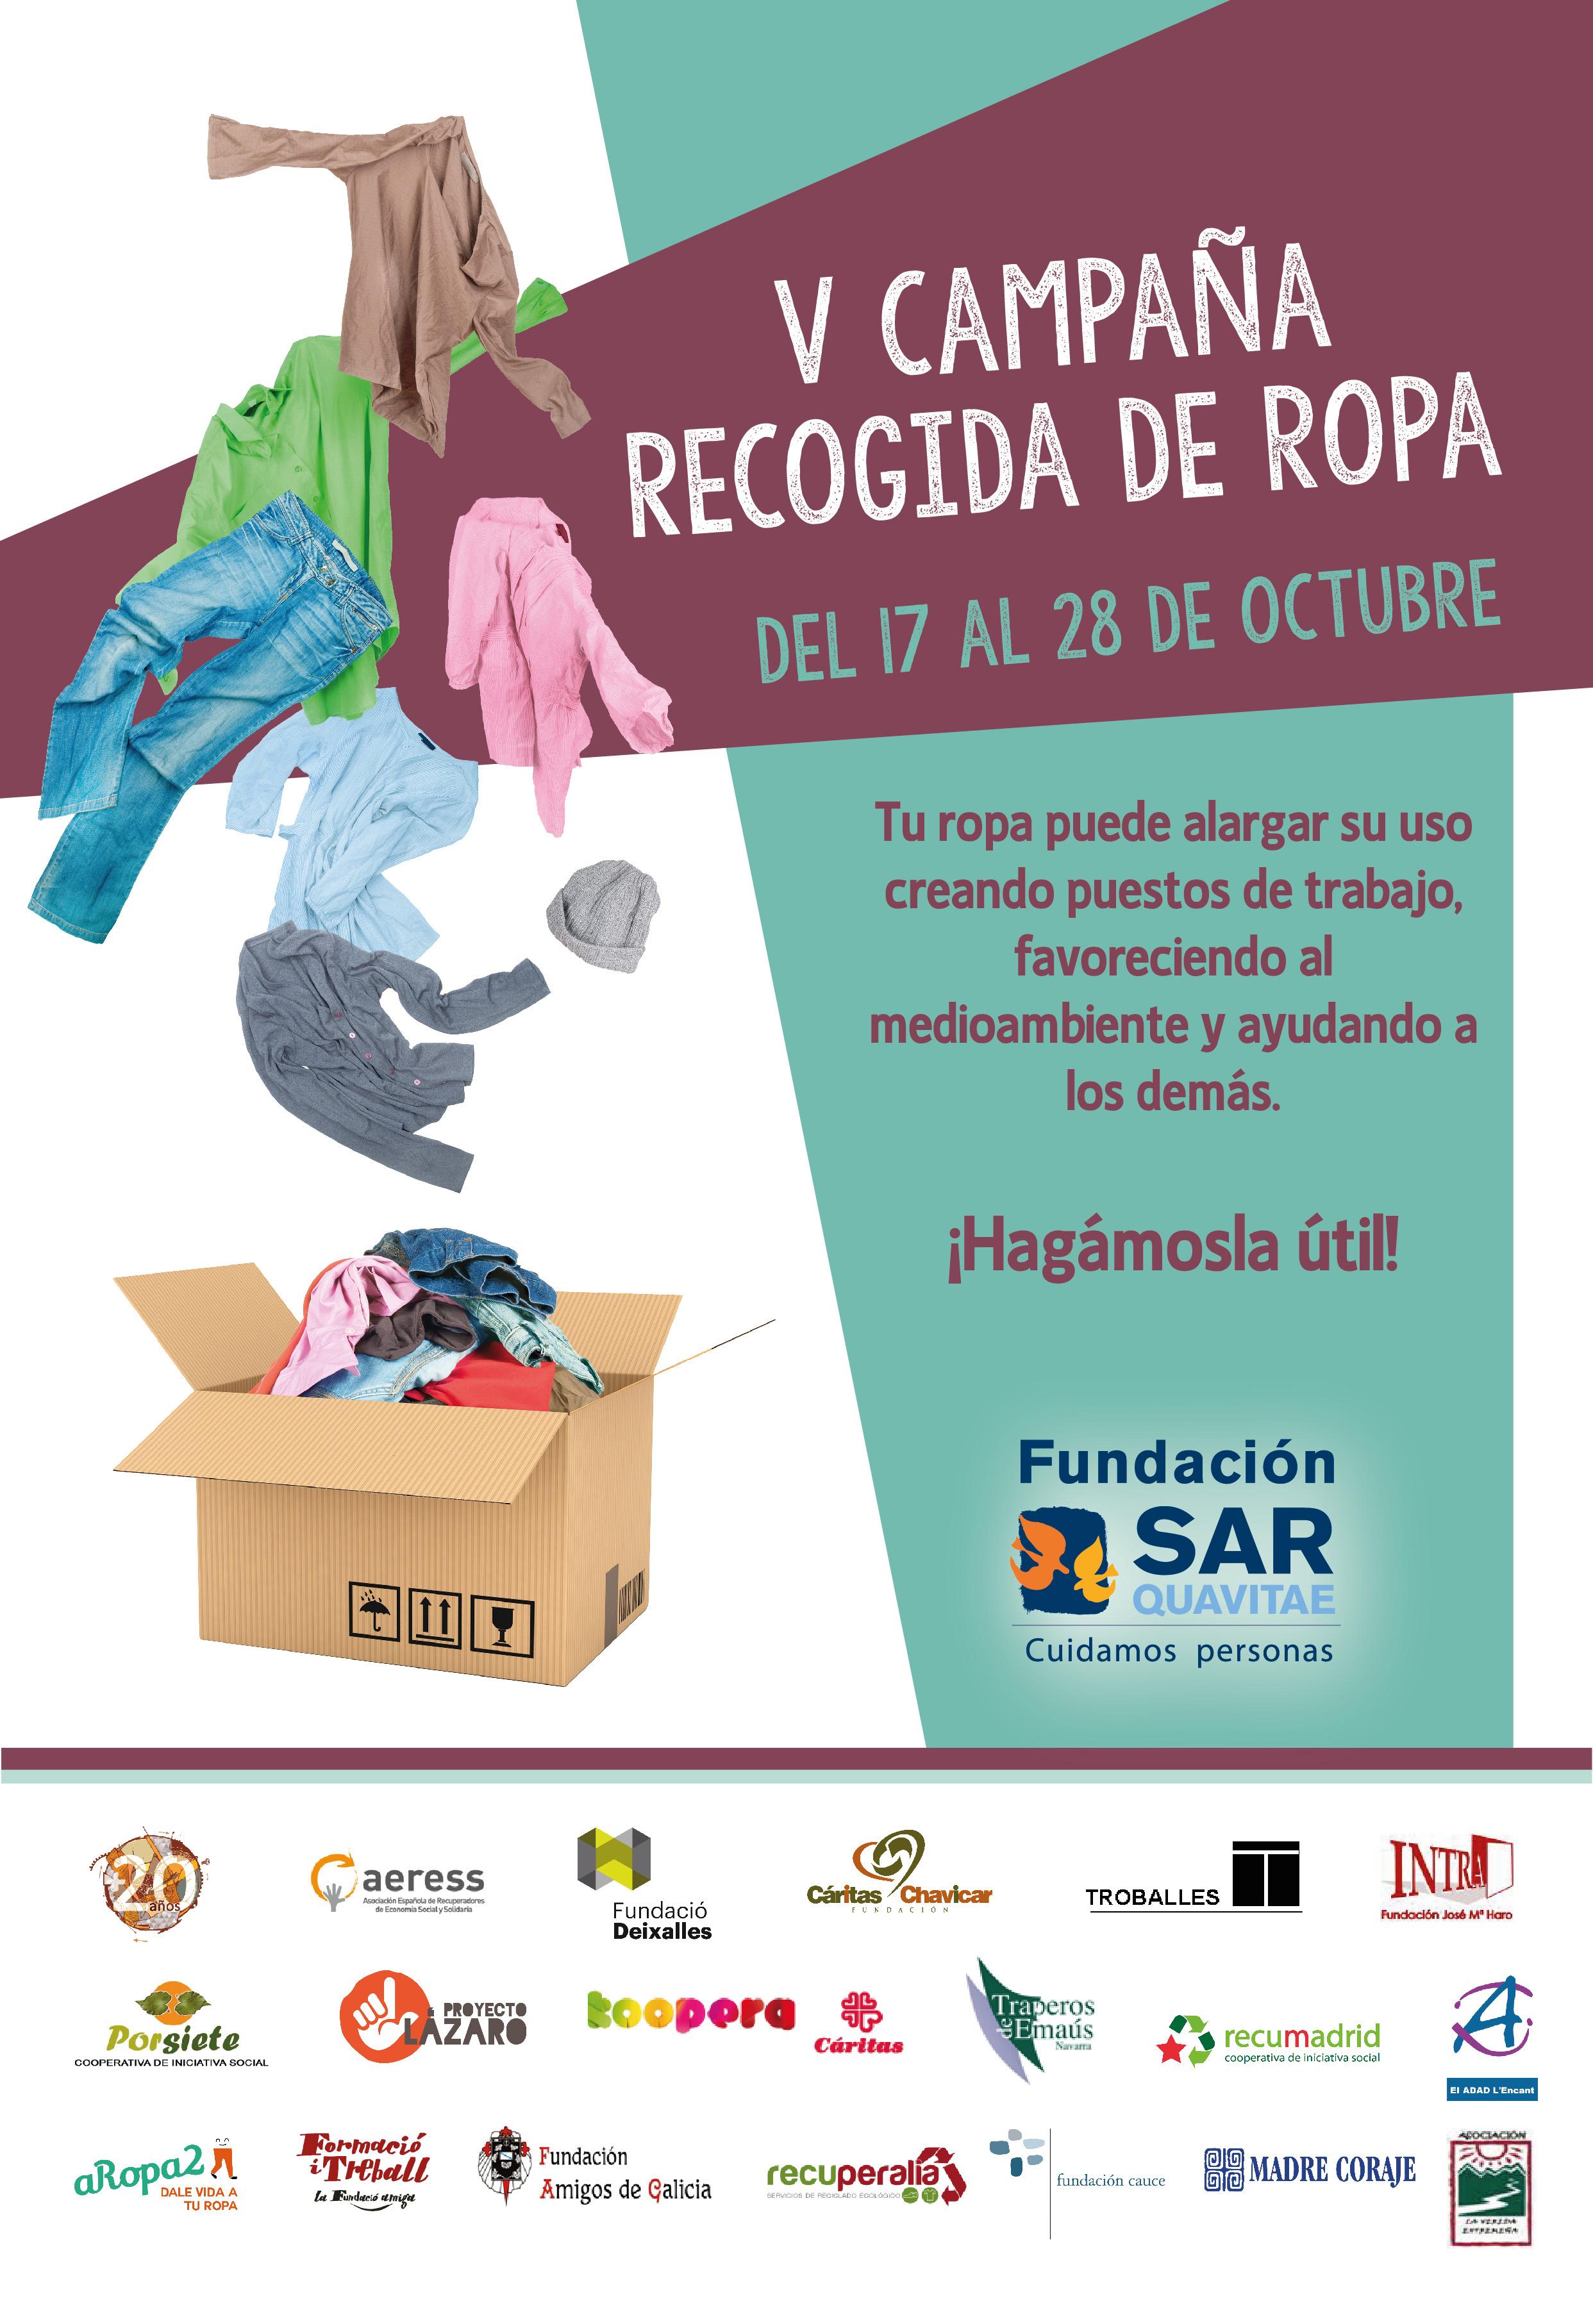 V campaña recogida de ropa